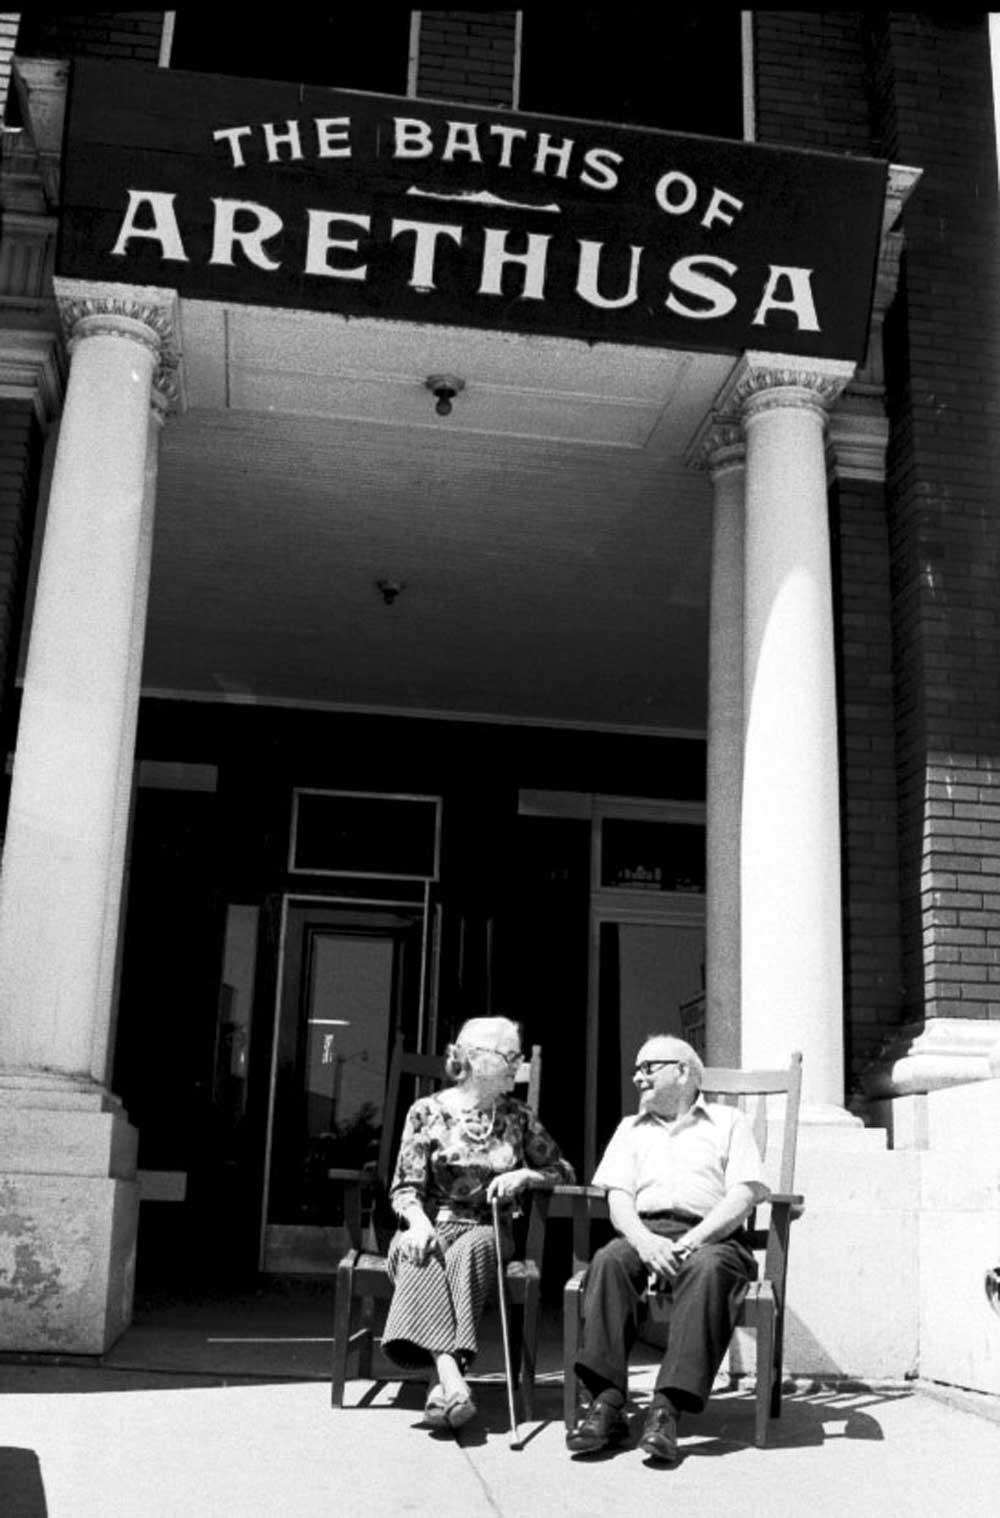 Arethusa Bath House Photos